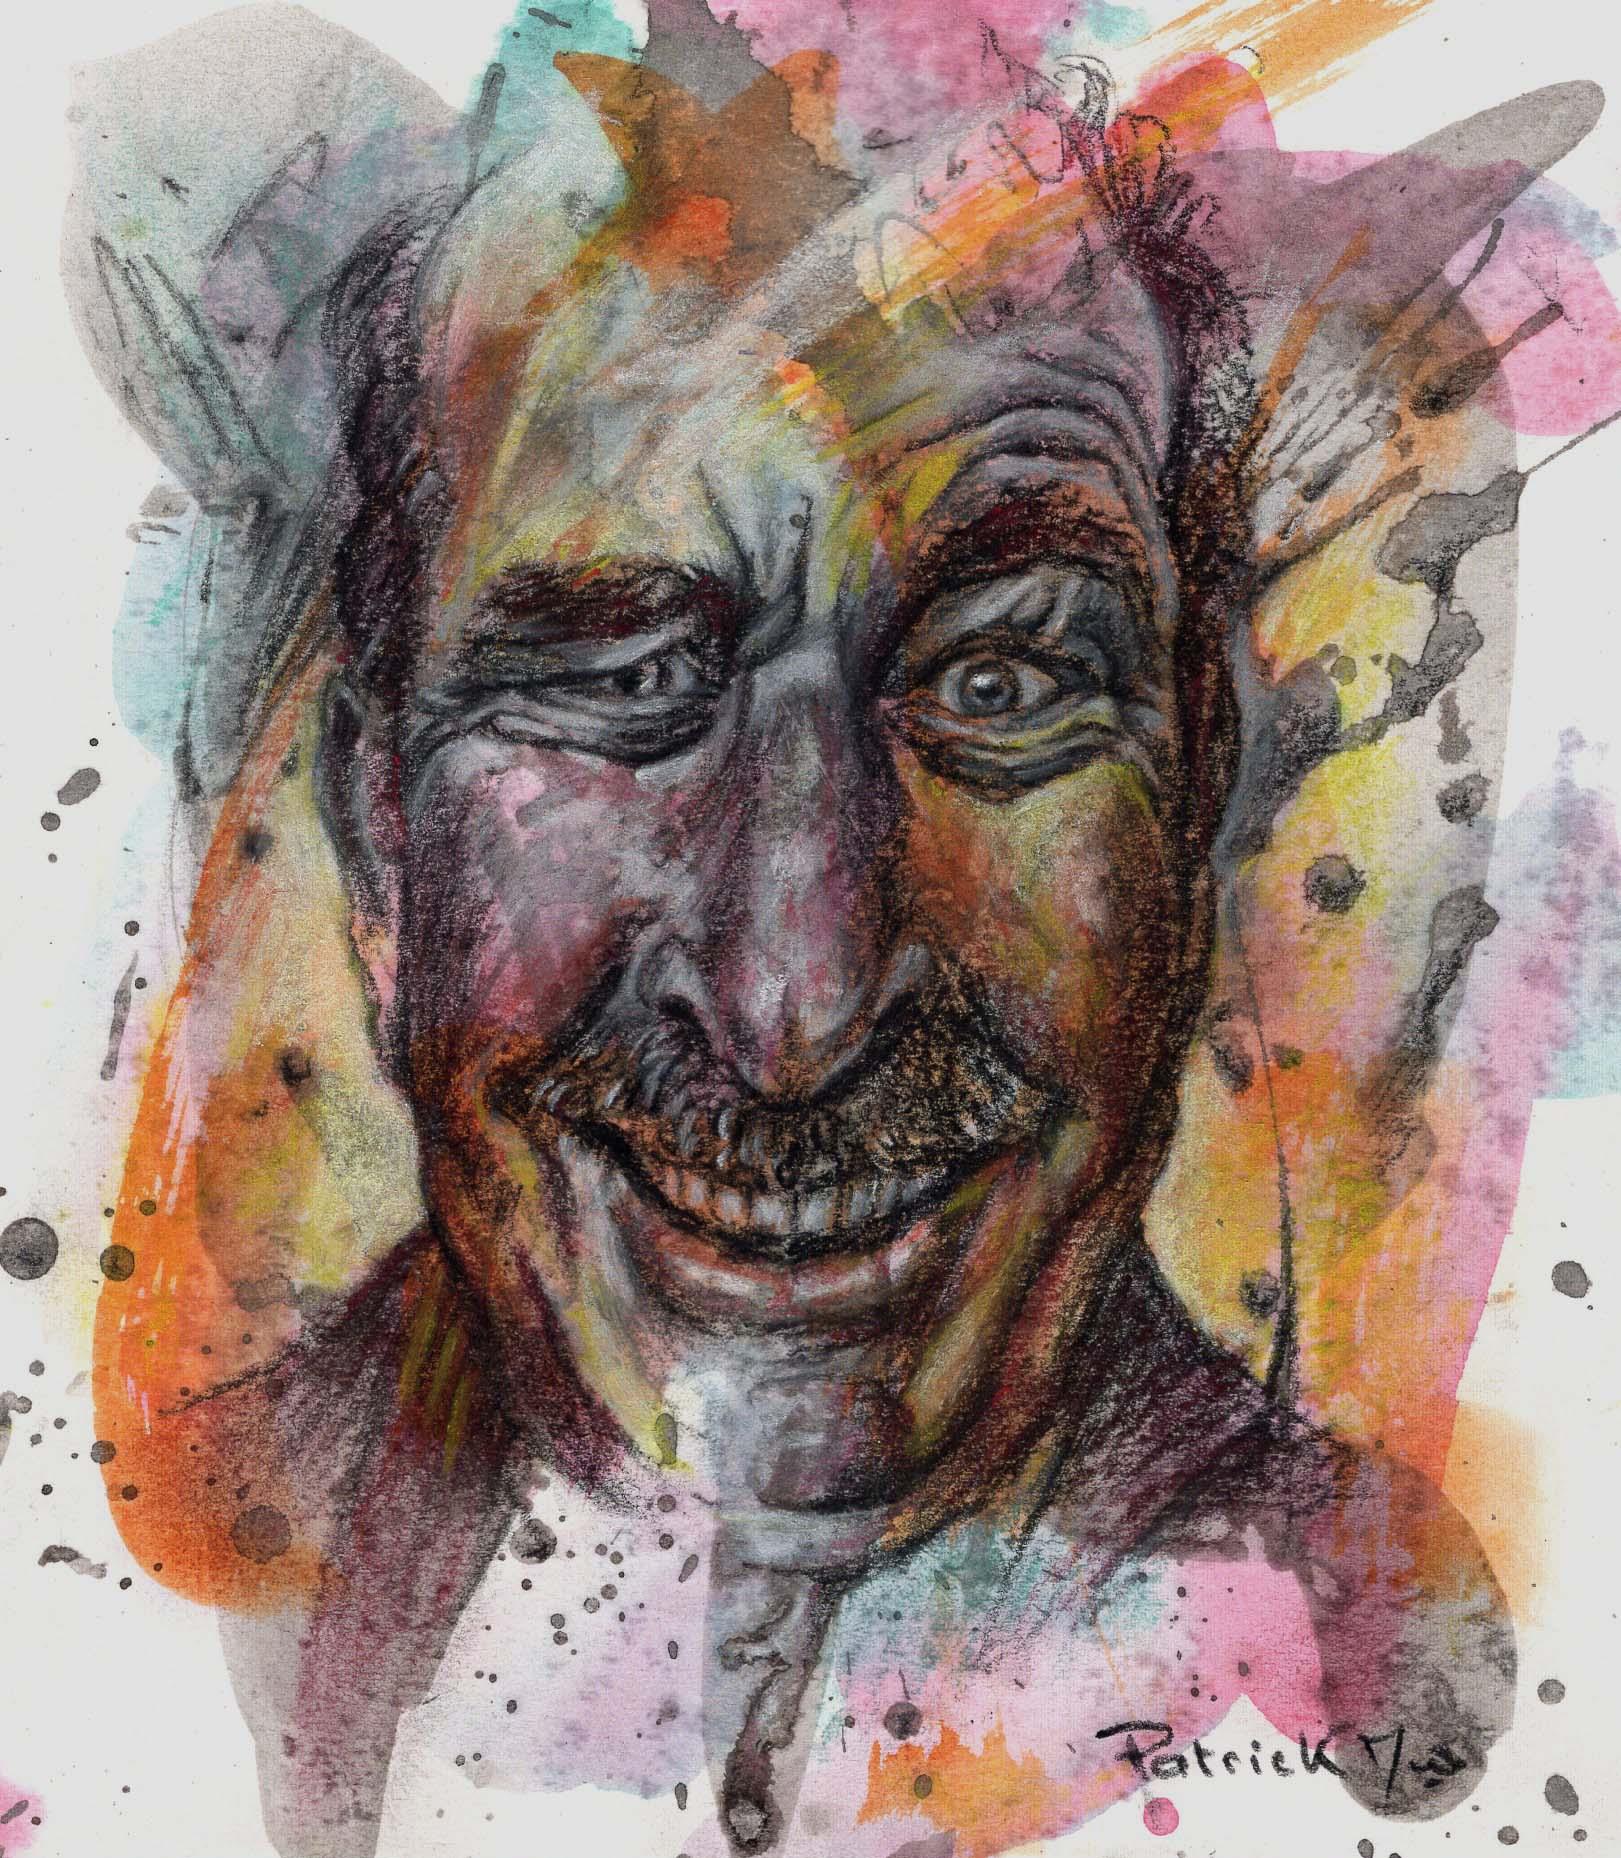 portrait tec mixe 27